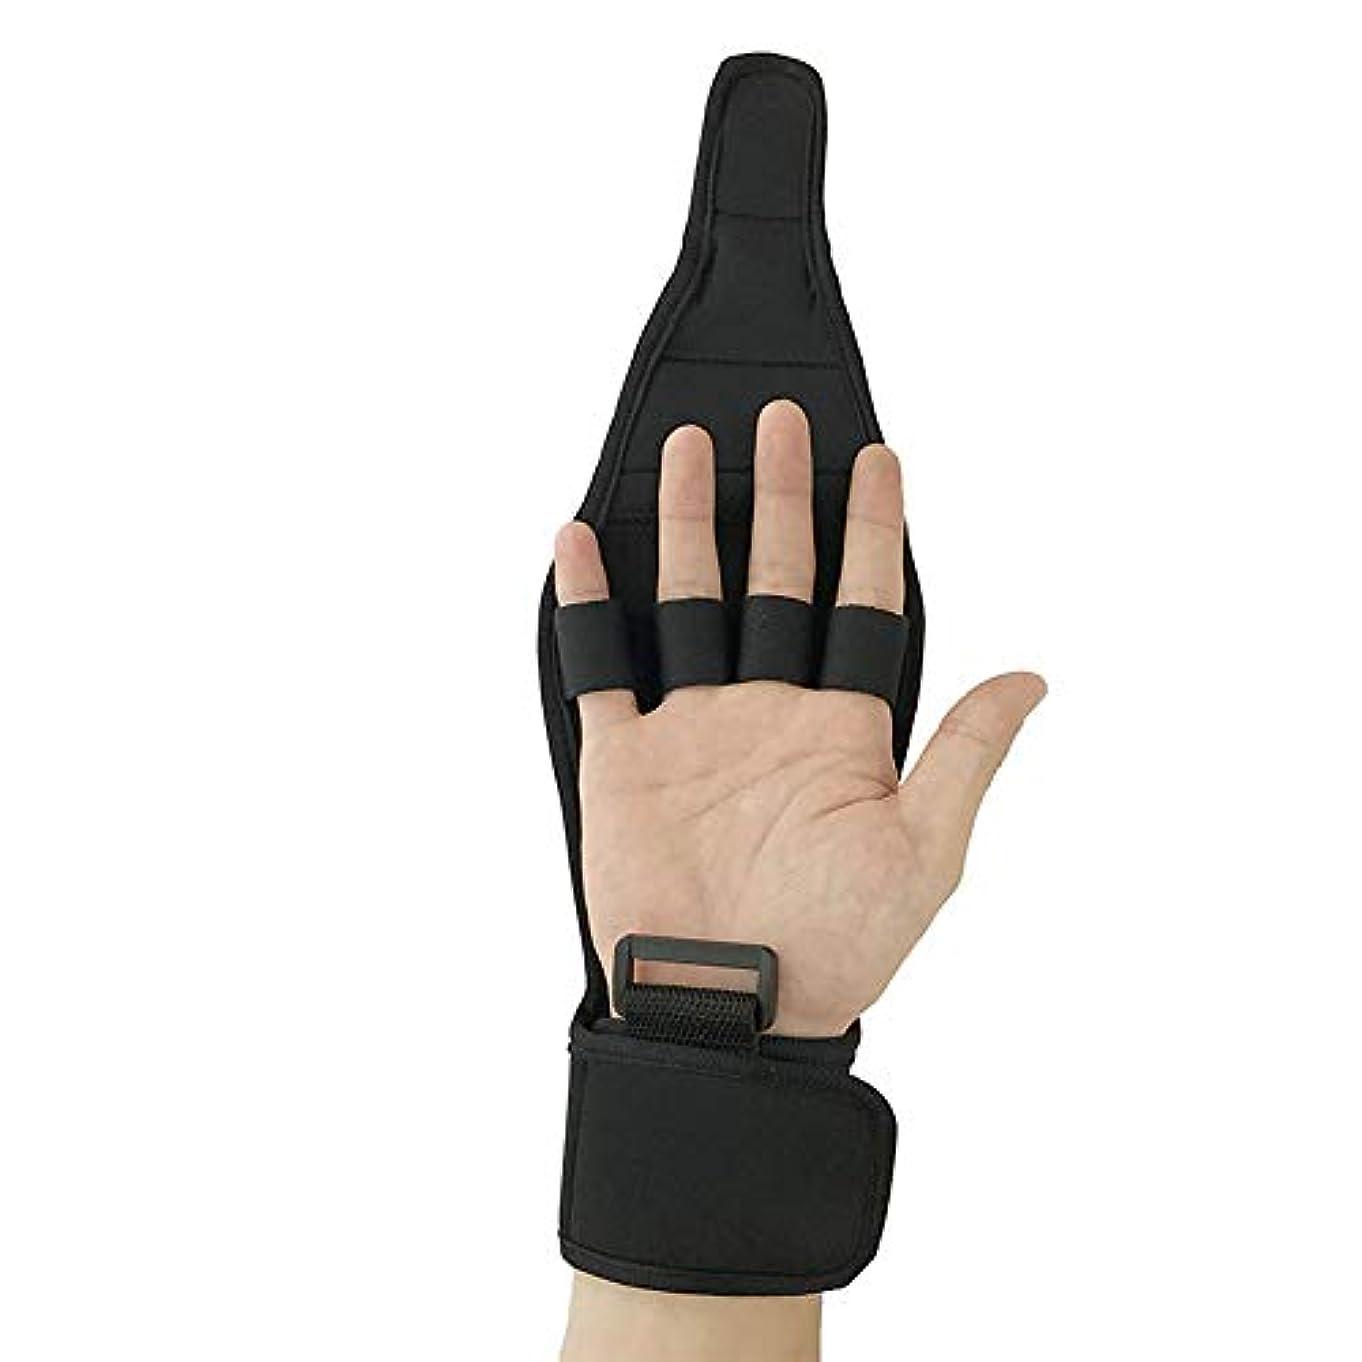 乗算約塩辛いトレーニング用手袋、フォースリハビリテーション用手袋、調節可能な伸縮性抗痙性耐久性、異なる手側用の指副木ブレース